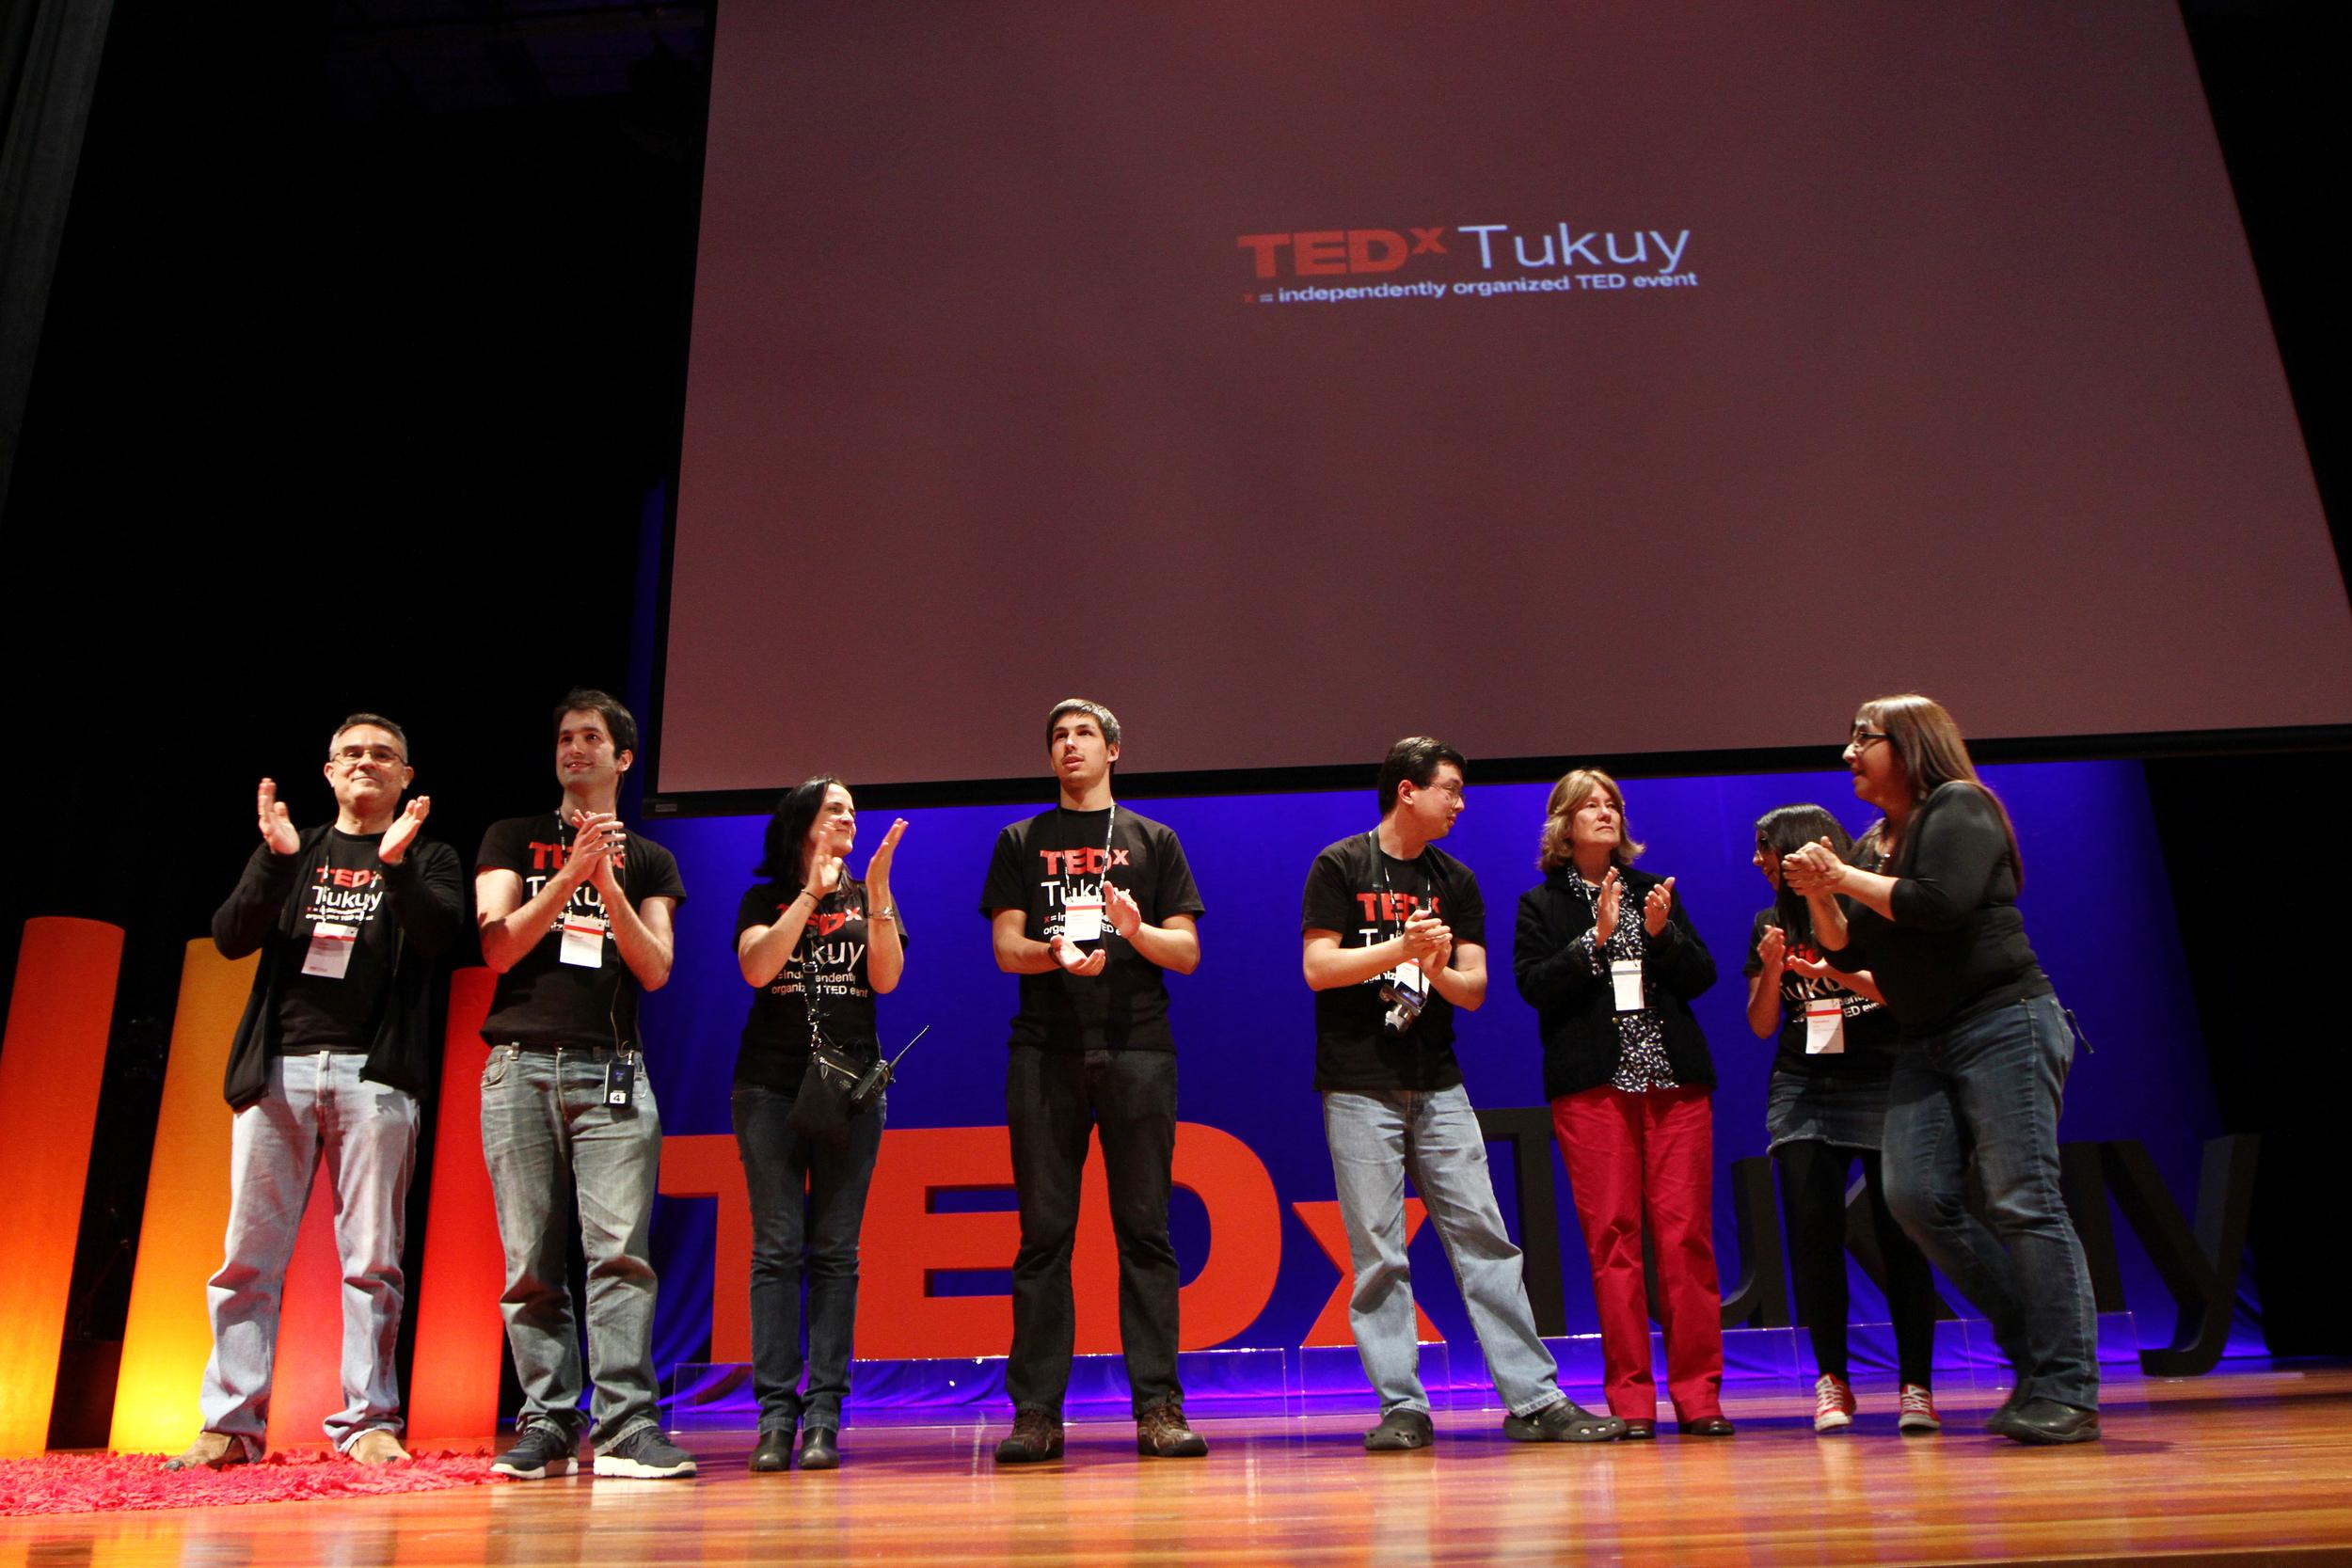 Parte del equipo en TEDxTukuy 2014